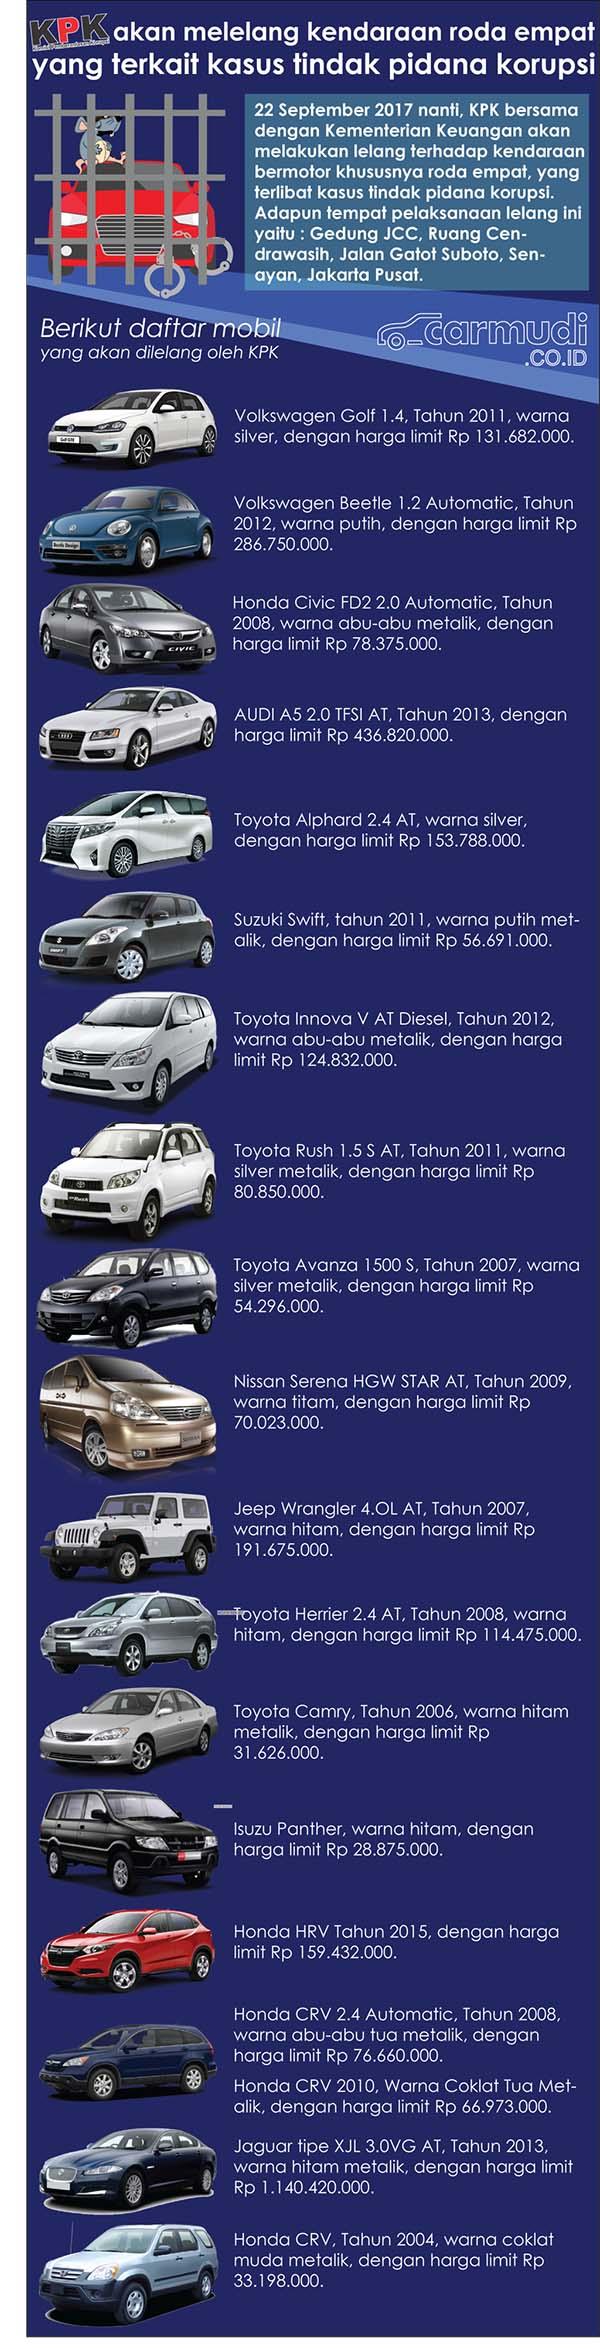 Infografis Daftar Mobil Lelang Hasil Sitaan Kpk